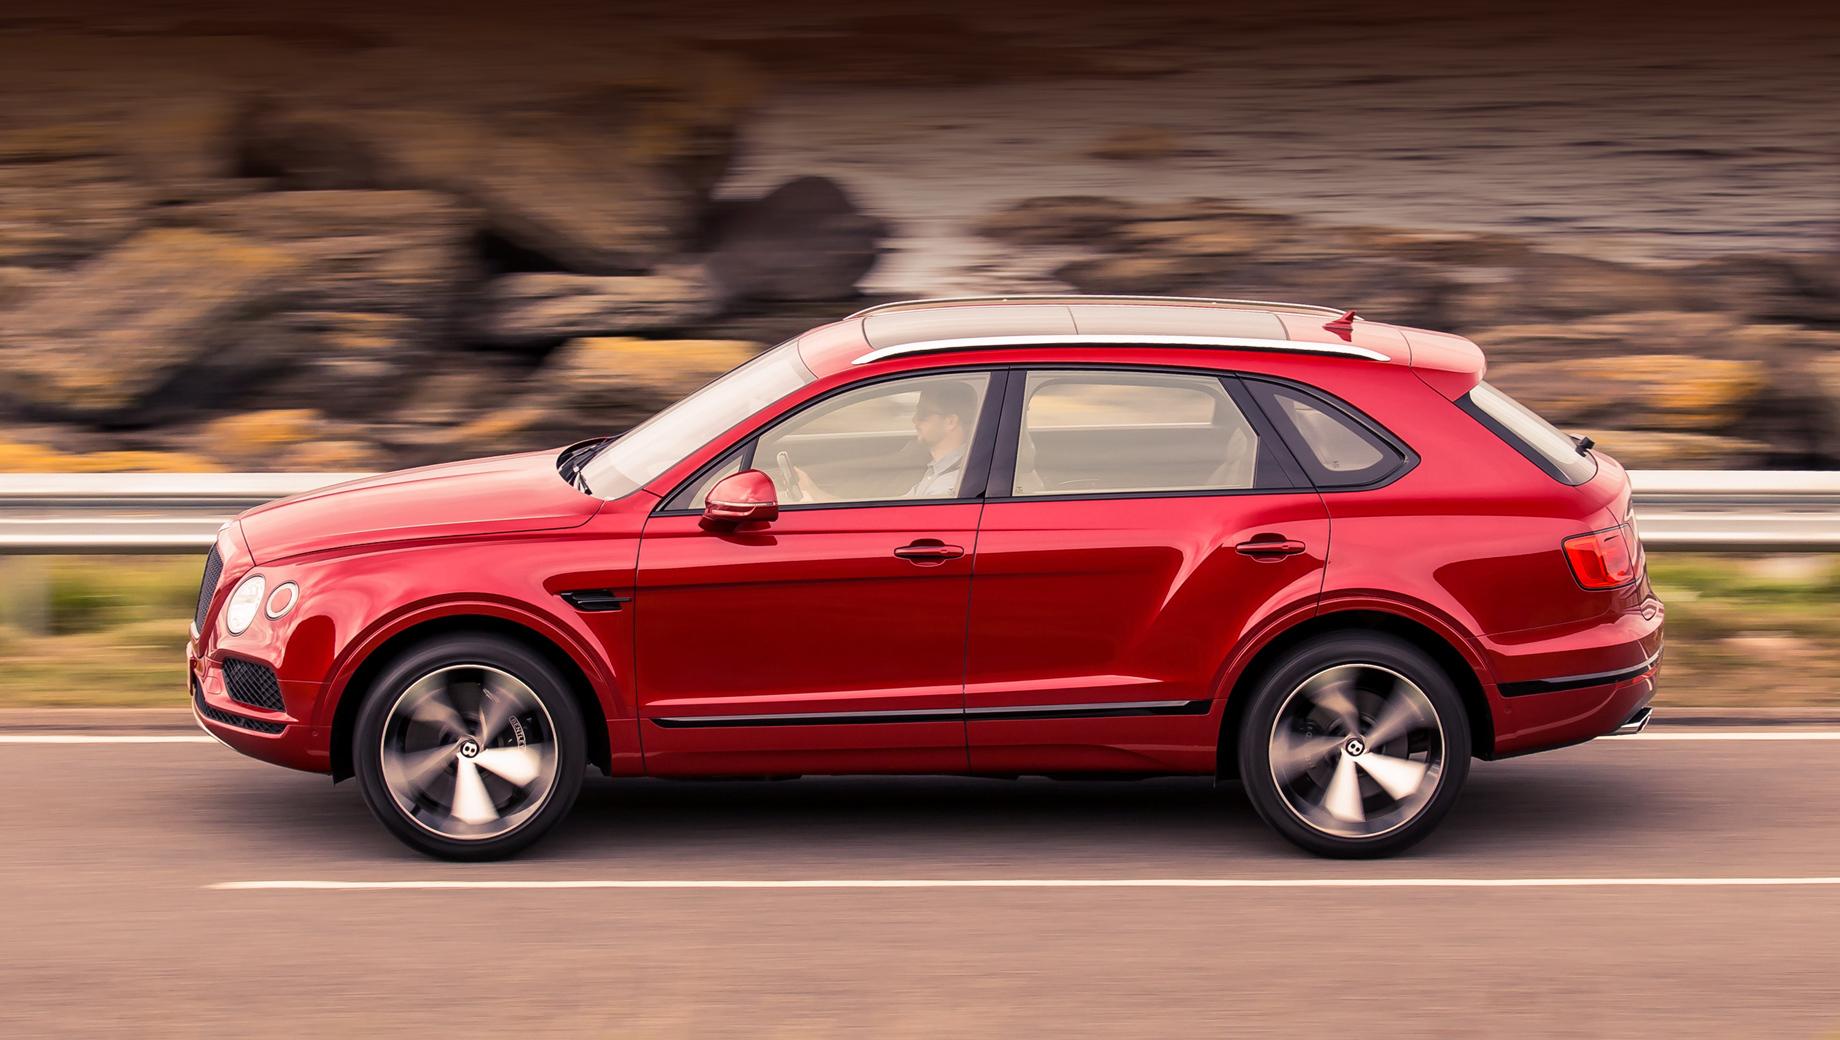 Bentley bentayga. Восьмицилиндровый вариант Бентайги требует около четырнадцати миллионов рублей для покупки, а двенадцатицилиндровый — более восемнадцати. По итогам прошлого года в России было реализовано 170 Бентайг.